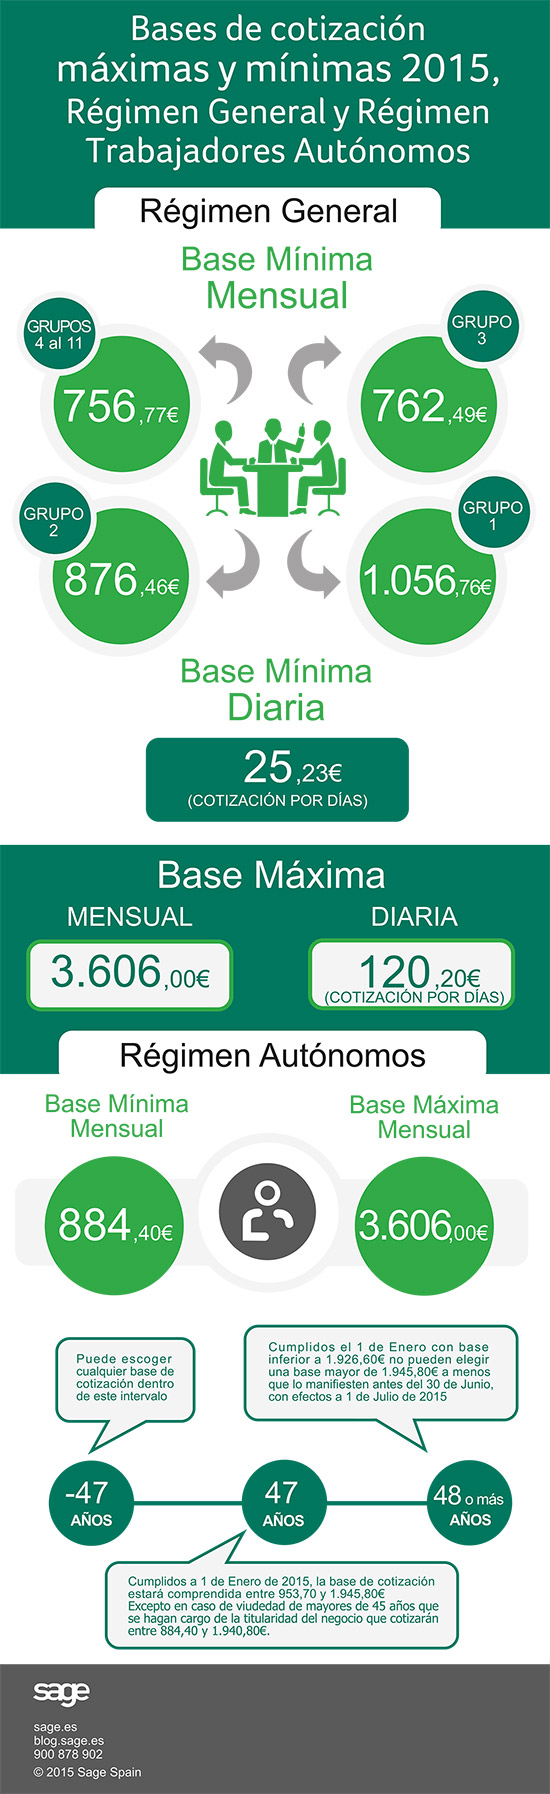 Bases de cotización Seguridad Social 2015